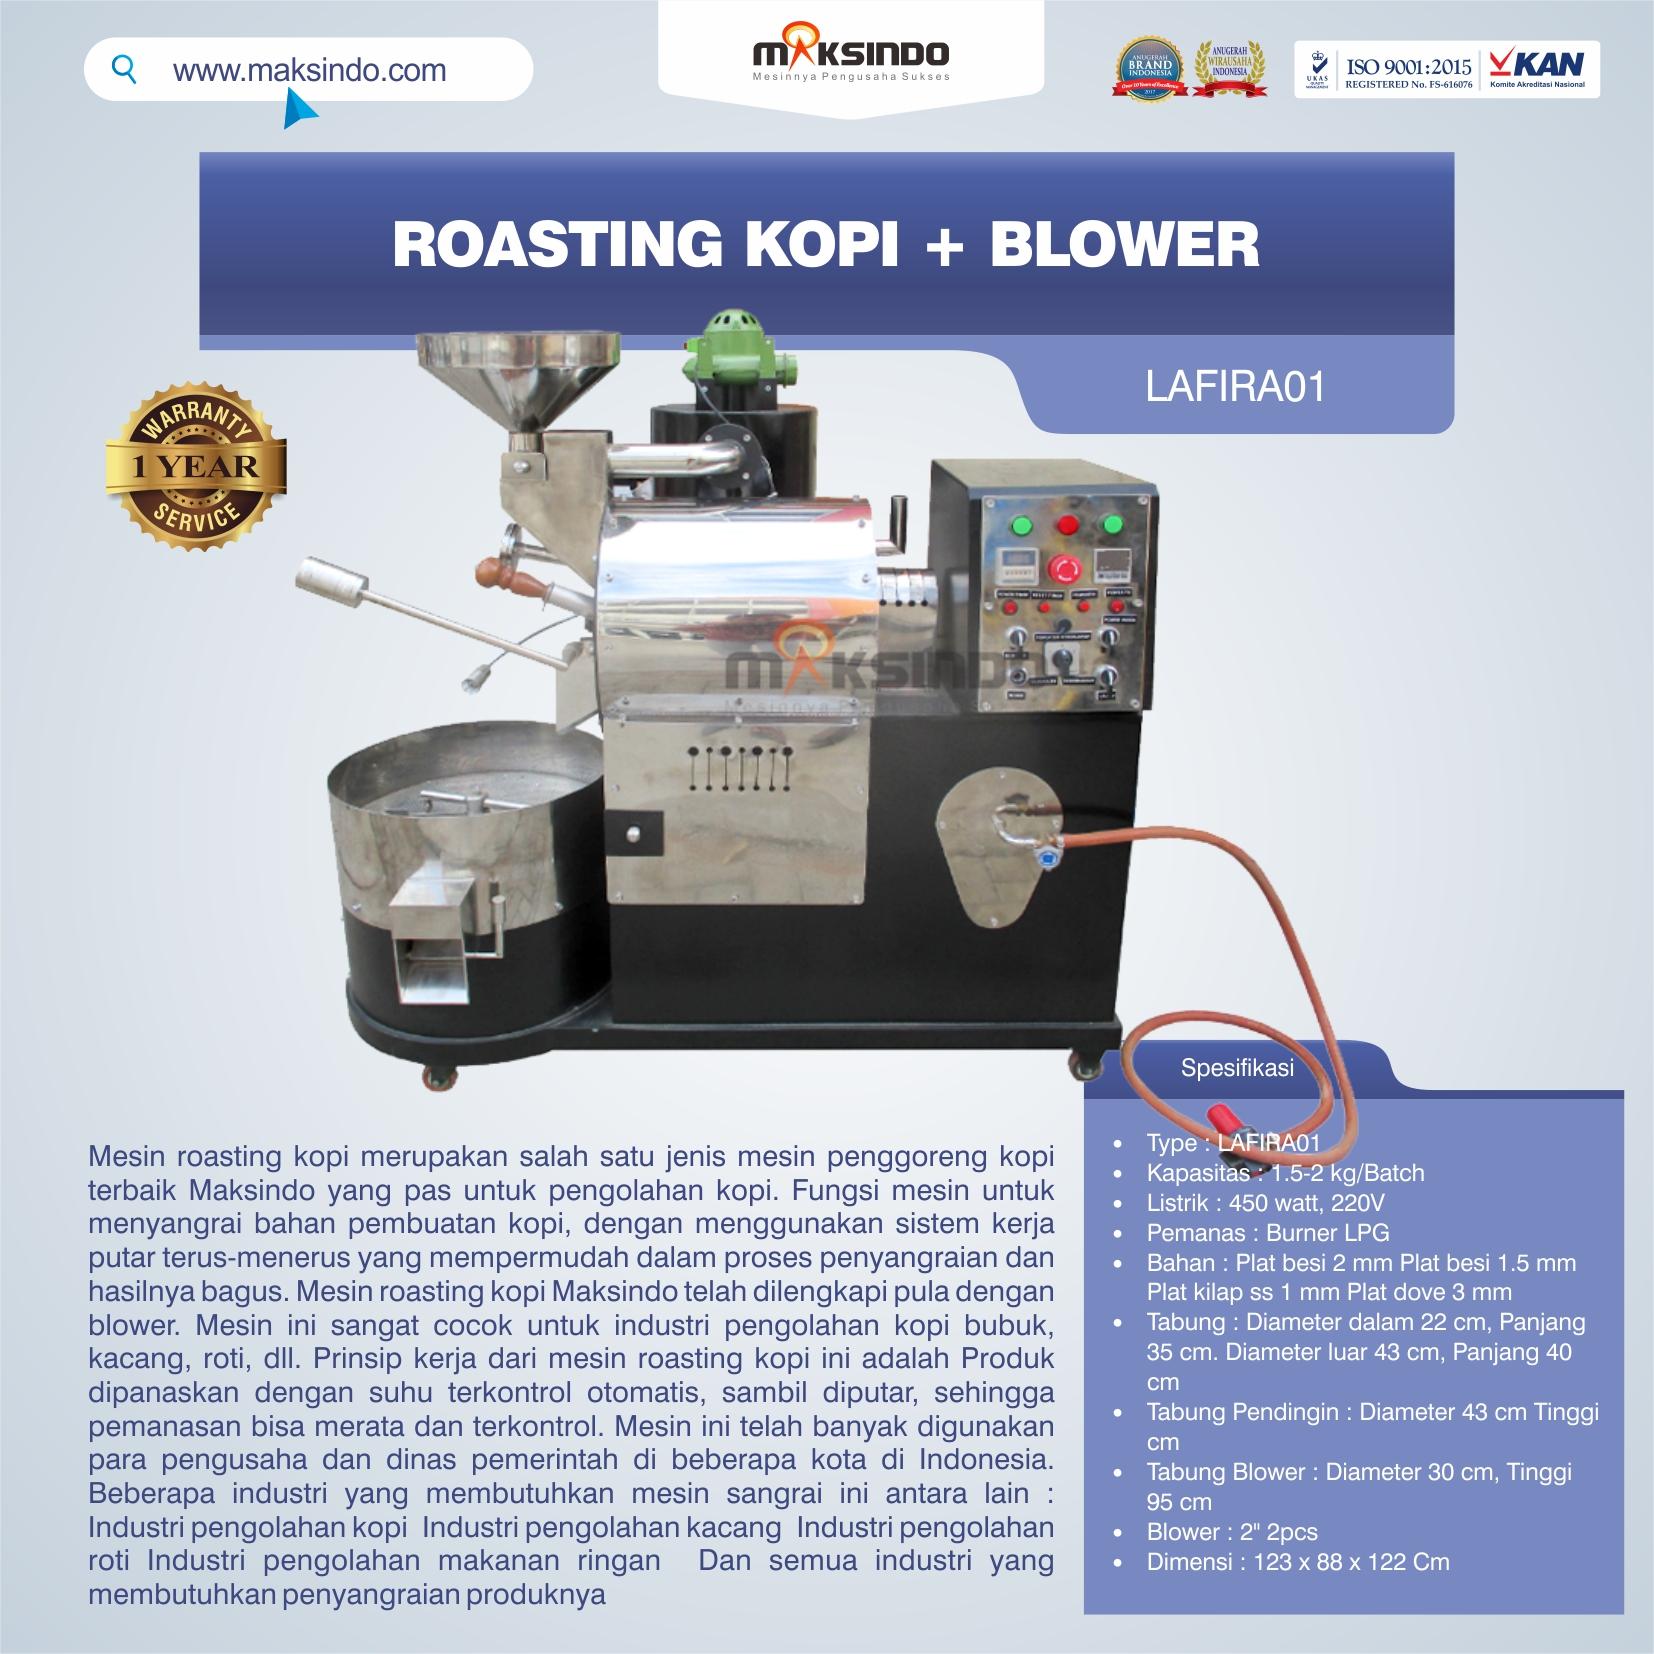 Jual Roasting Kopi + Blower LAFIRA01 di Banjarmasin